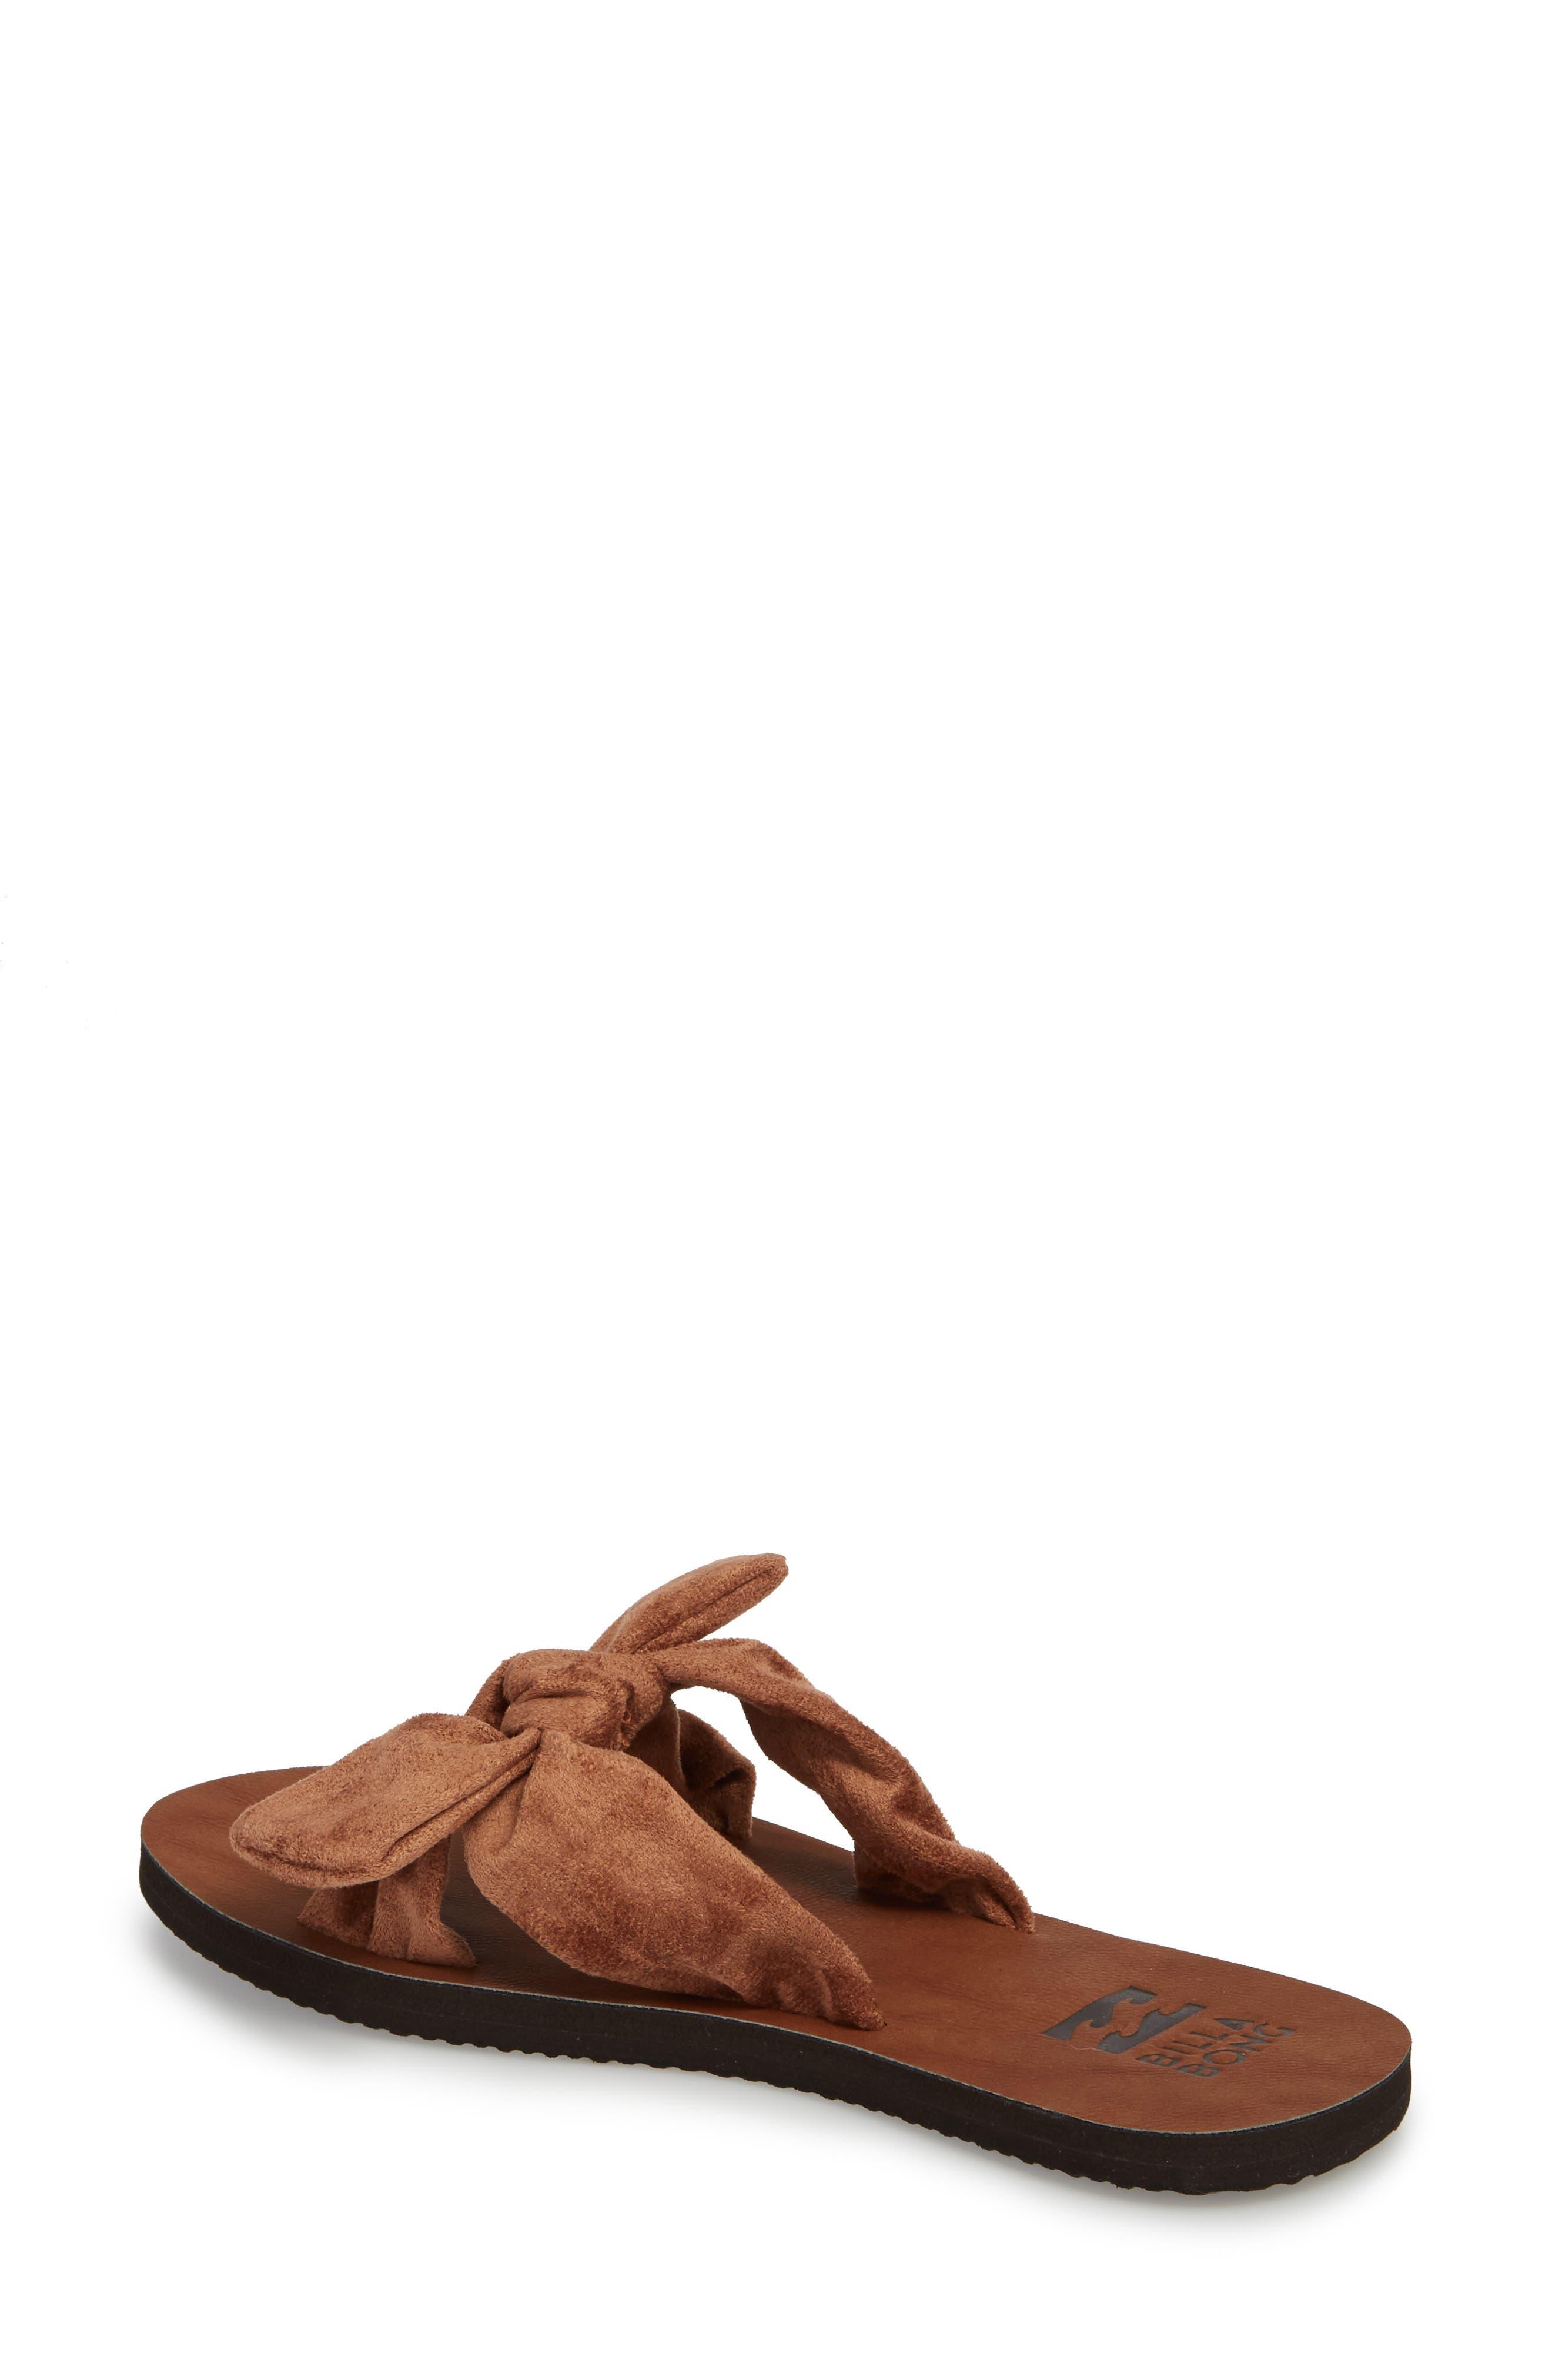 Tied-Up Slide Sandal,                             Alternate thumbnail 2, color,                             Desert Brown